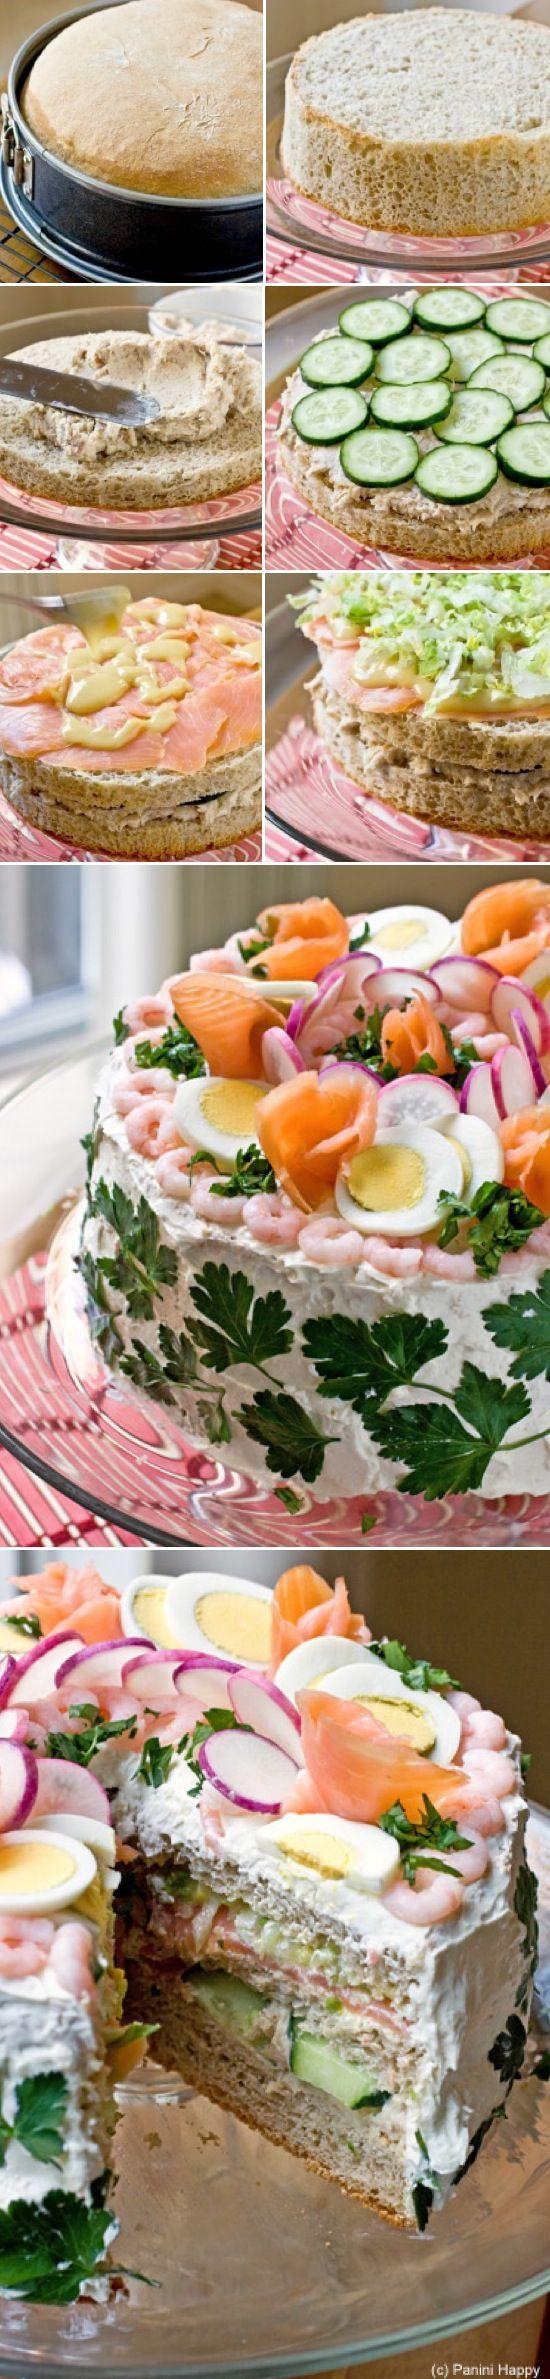 Bron Foto: www.recipebyphoto.com     Een lekker alternatief voor een taart is deze frisse sandwichtaart! Leuk om op tafel te zetten voor e...